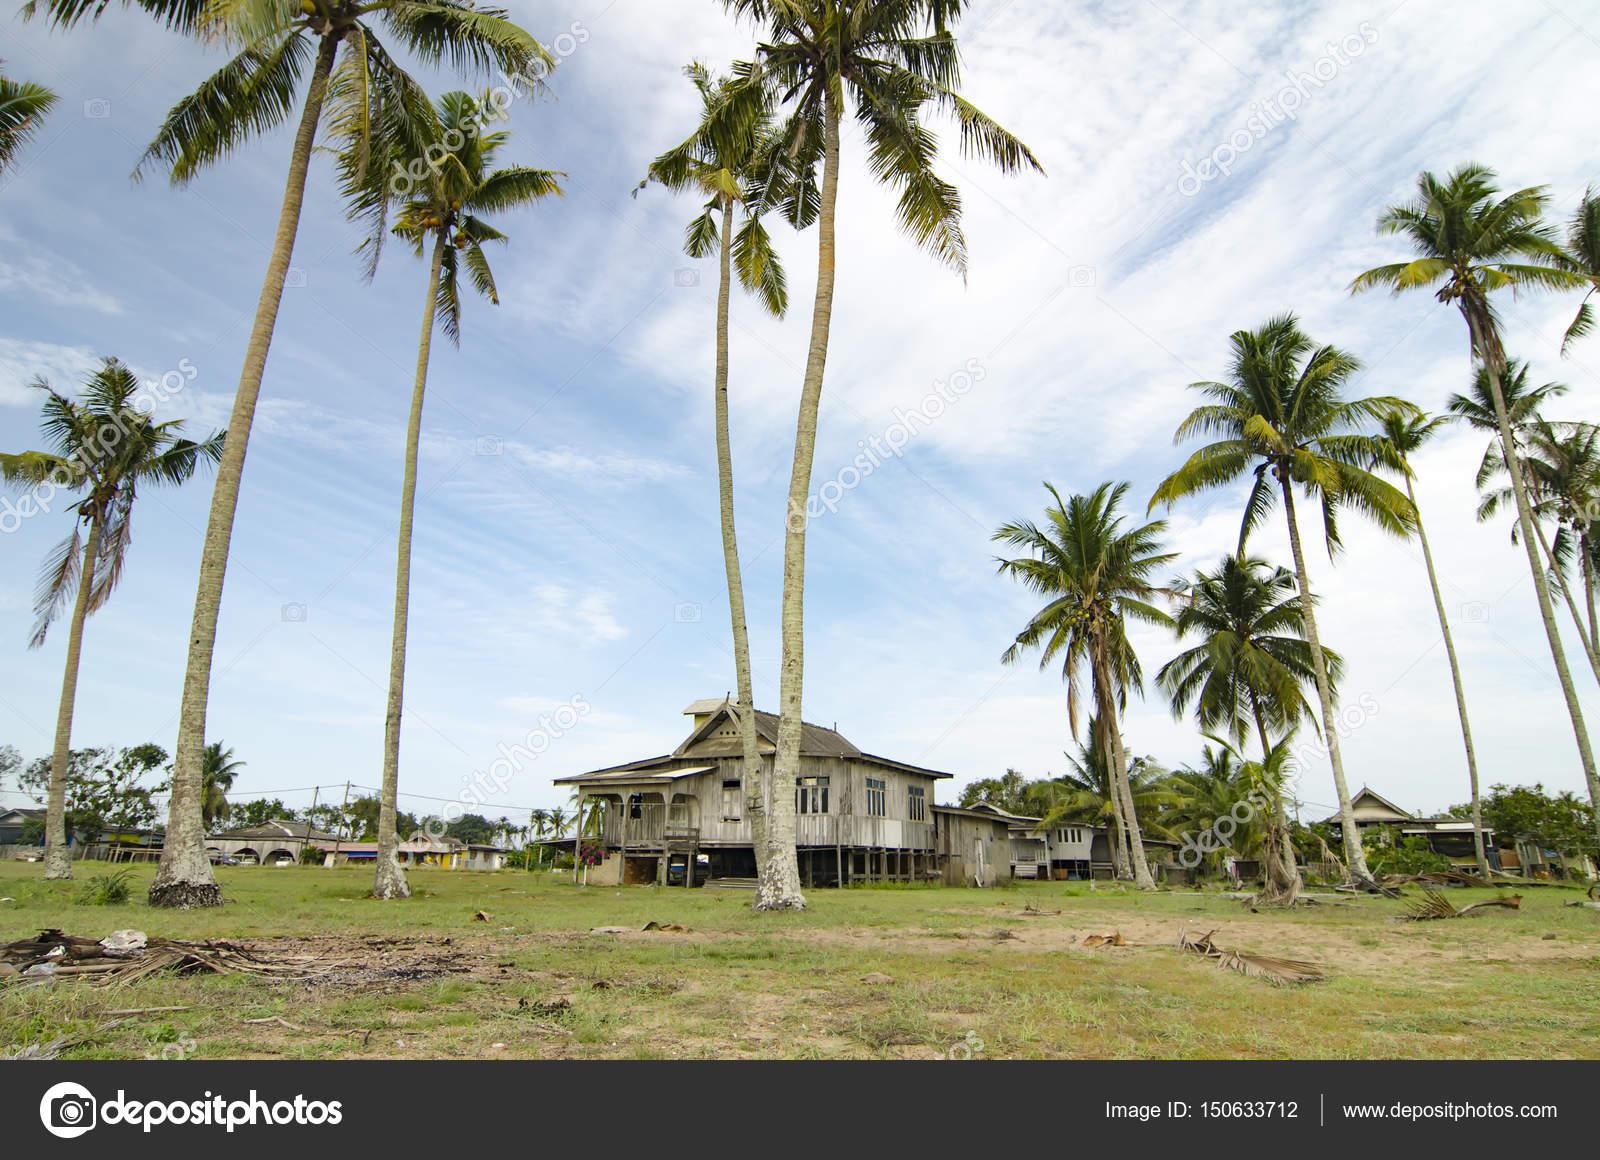 Beautiful Village Scenery Located In Terengganu Malaysia Stock